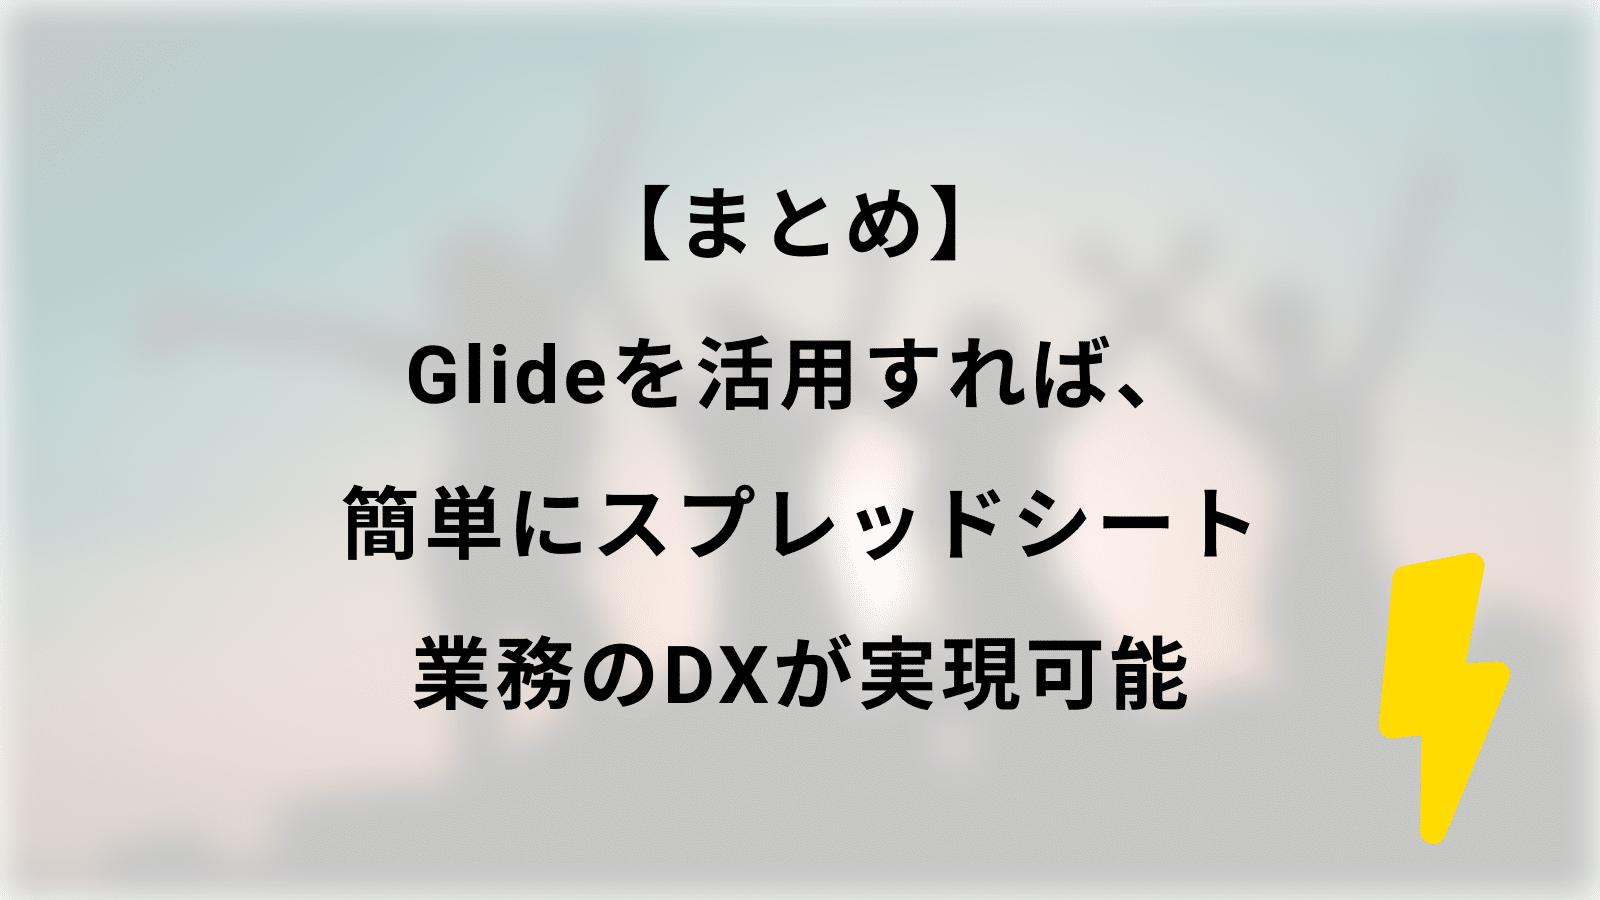 【まとめ】Glideを活用すれば、簡単にスプレッドシート業務のDXが実現可能